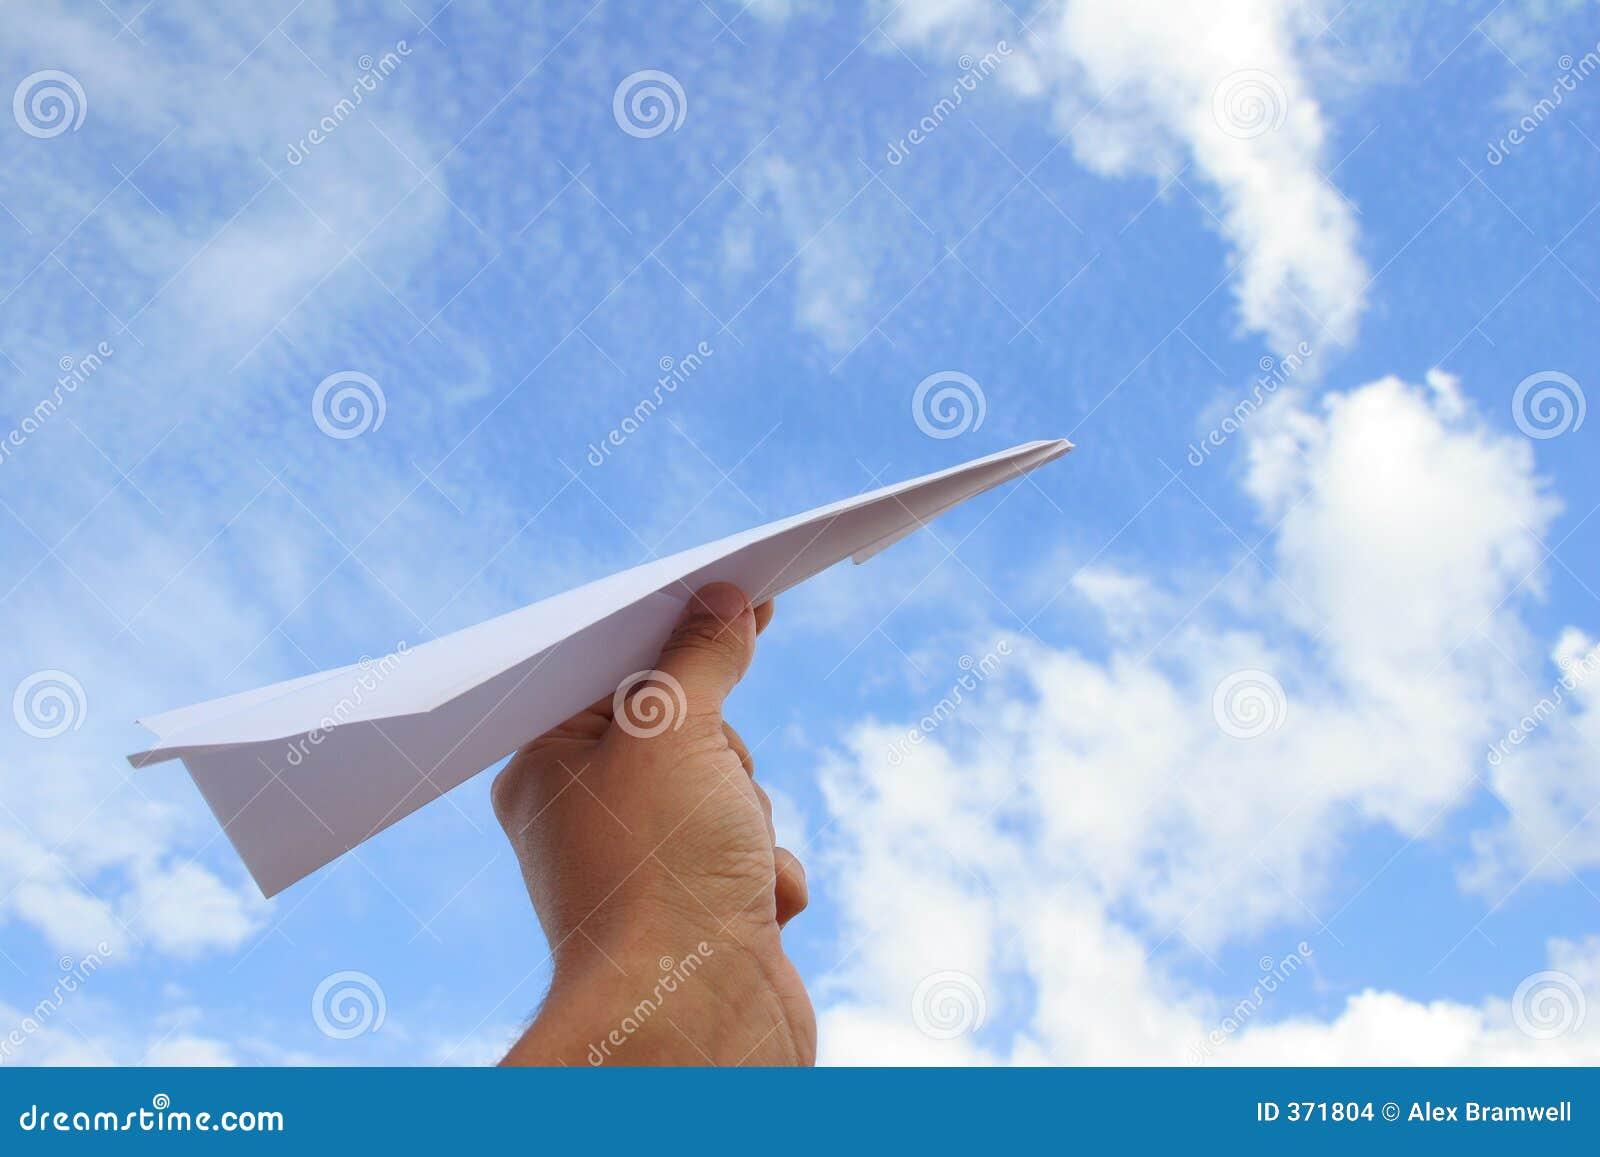 Paper Plane Launch